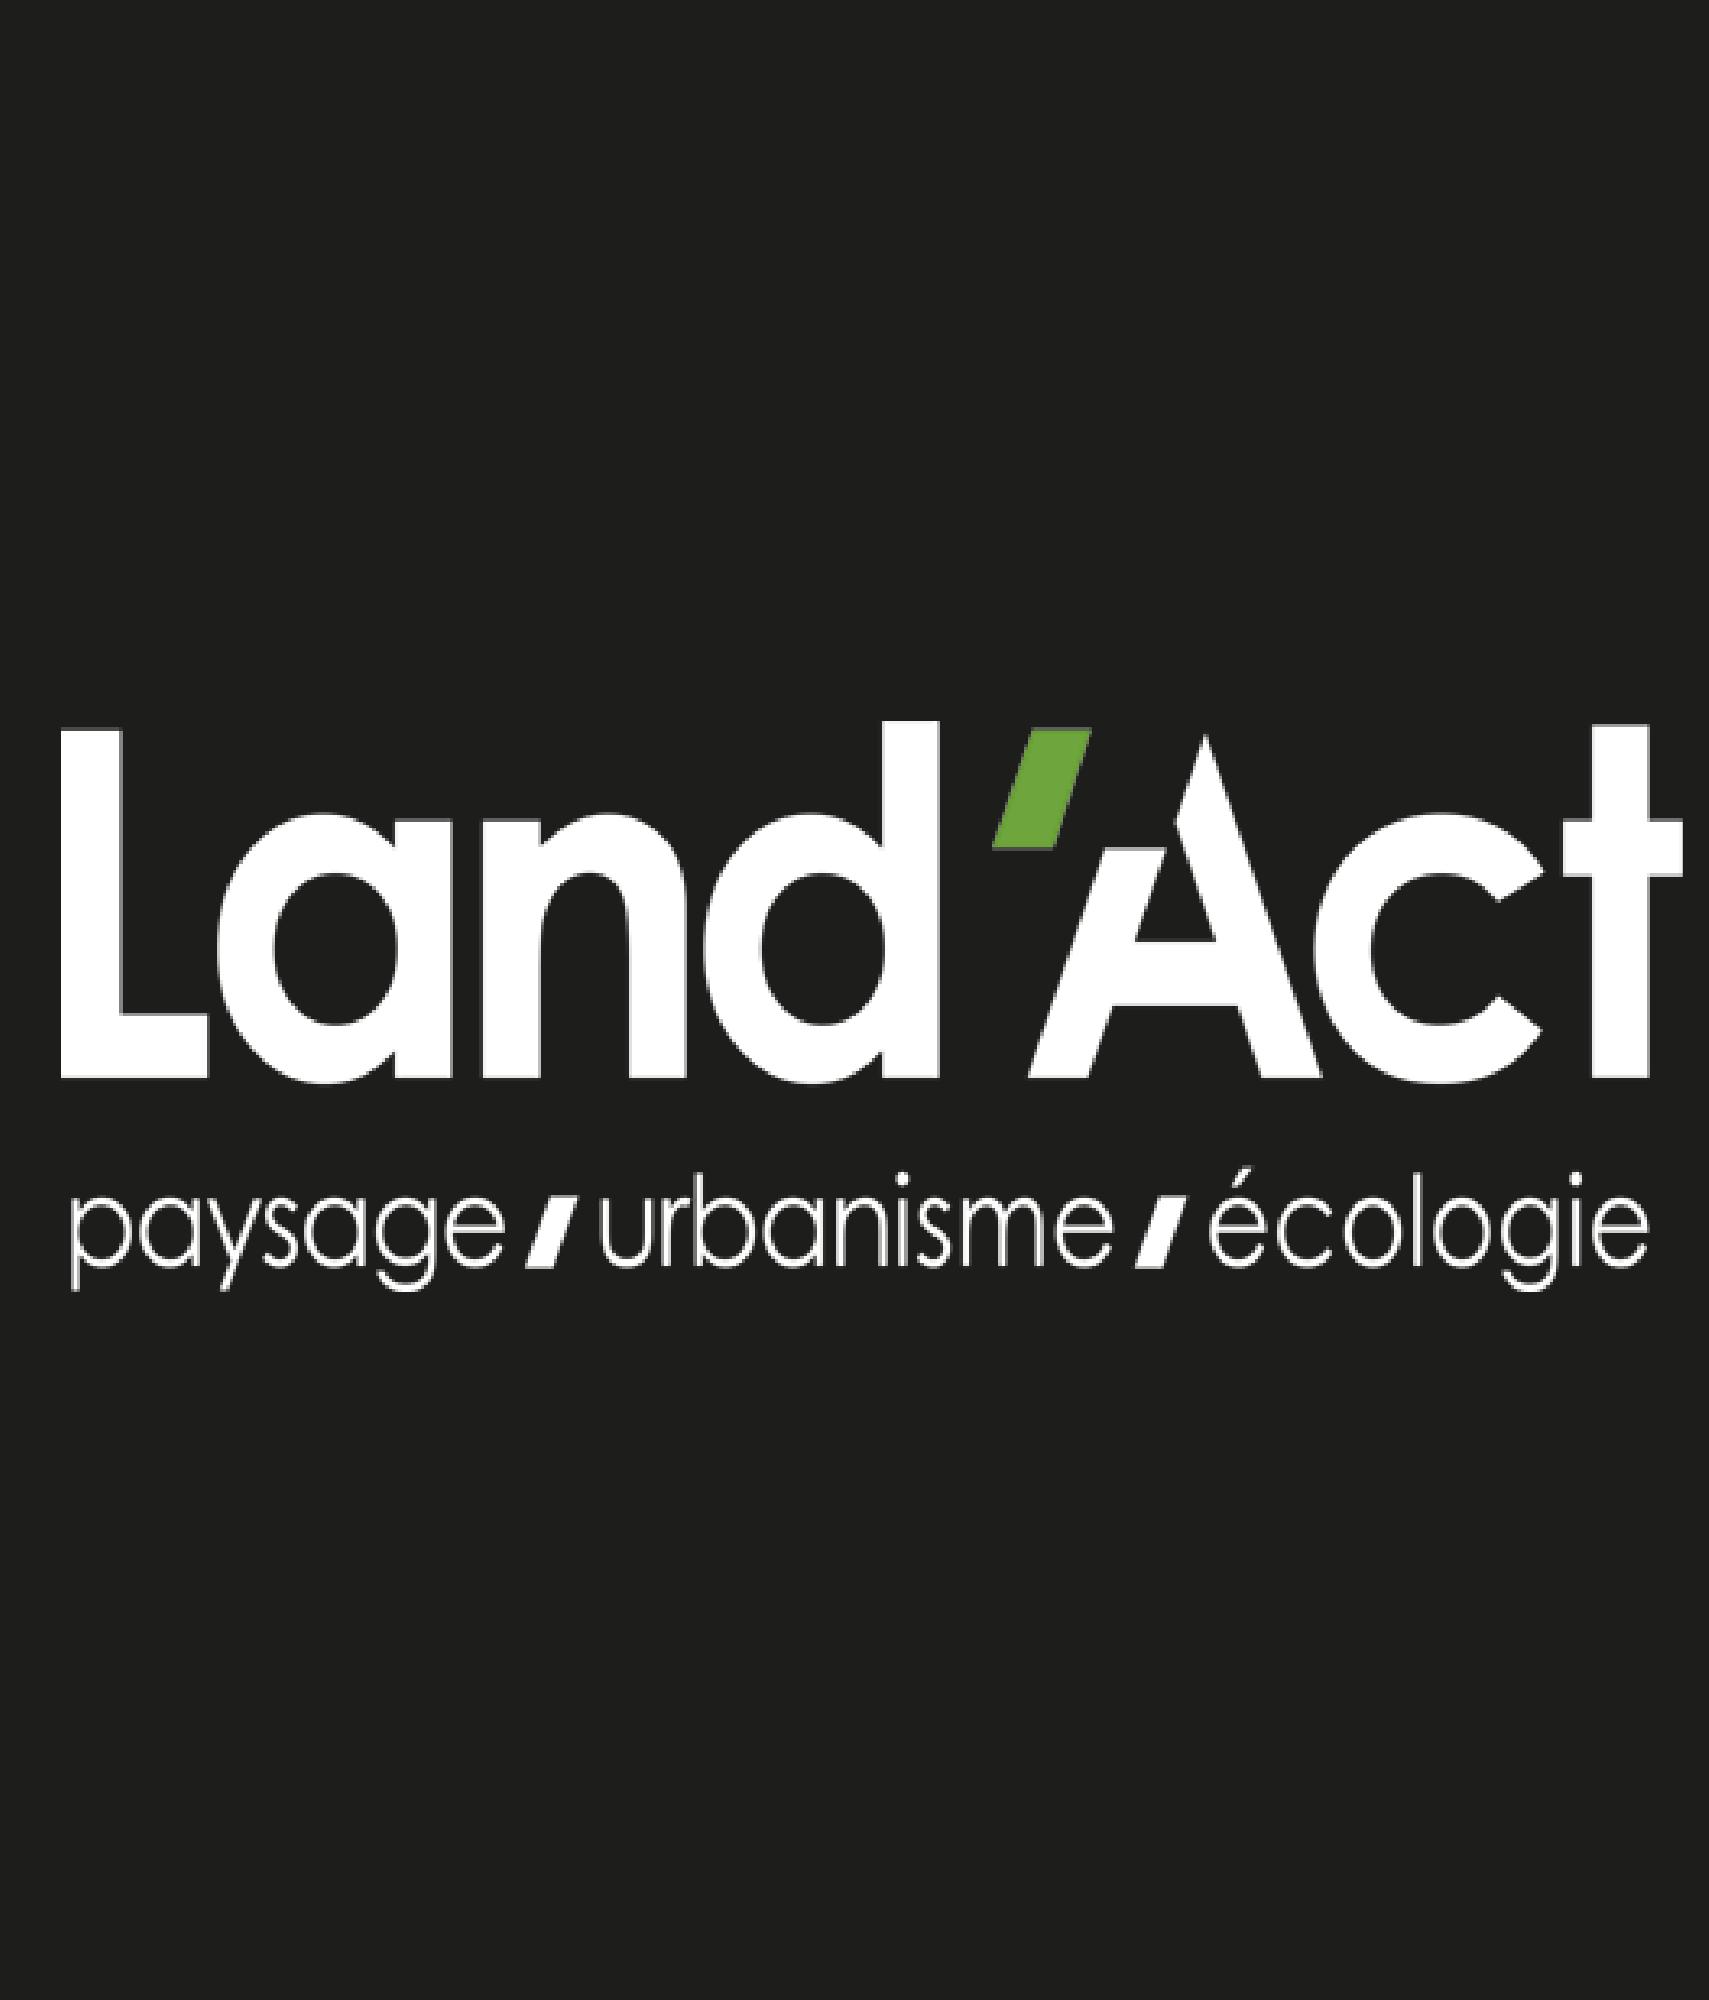 LAND'ACT